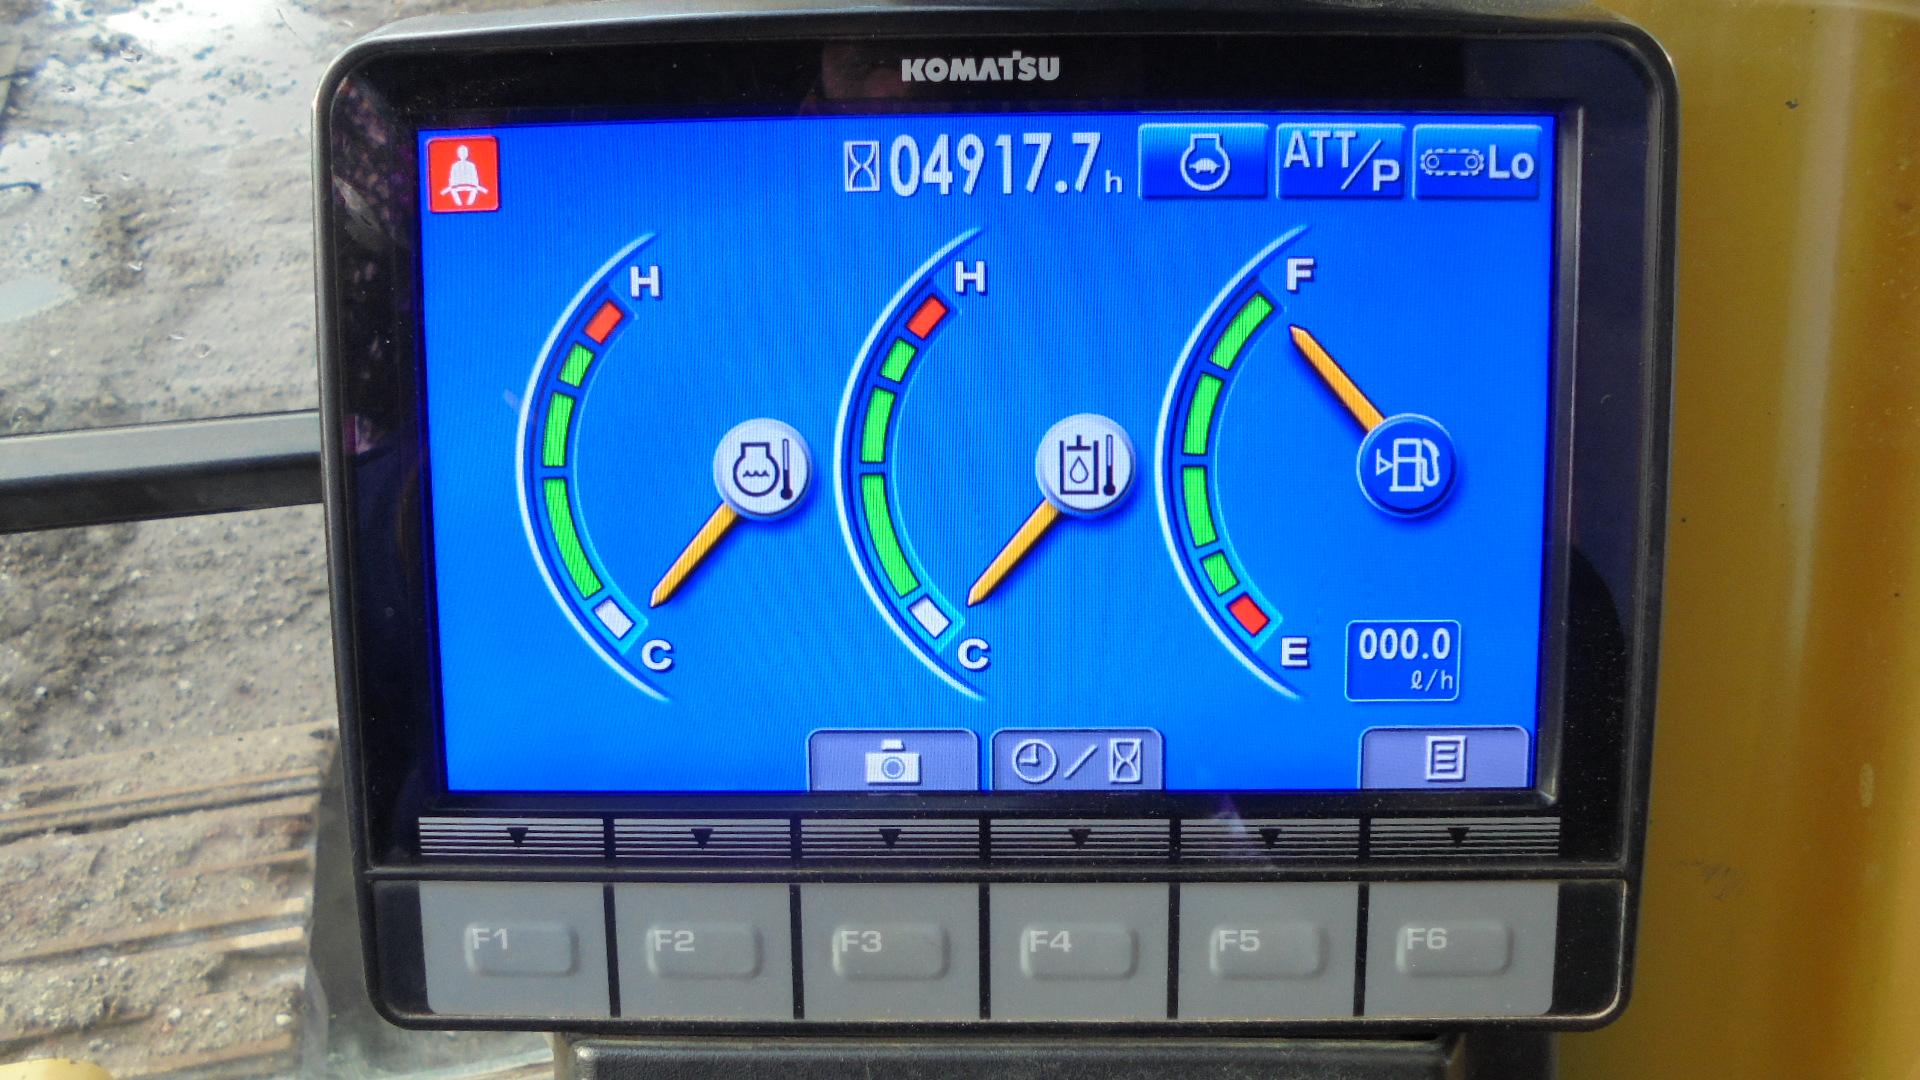 KOMATSU PC 210LCI-10 - 09